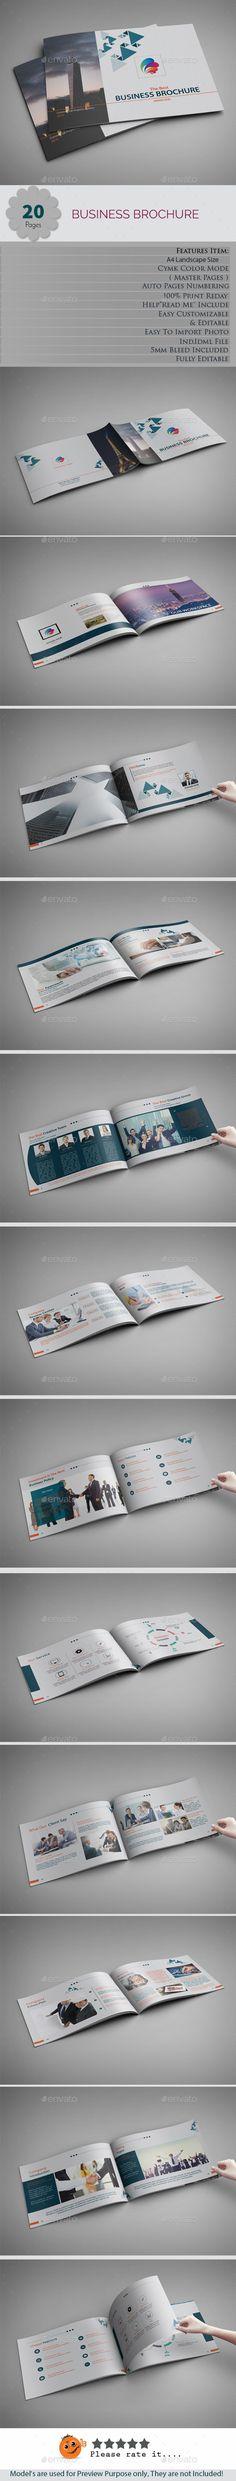 Landscape Brochures Template InDesign INDD - 20 Pages